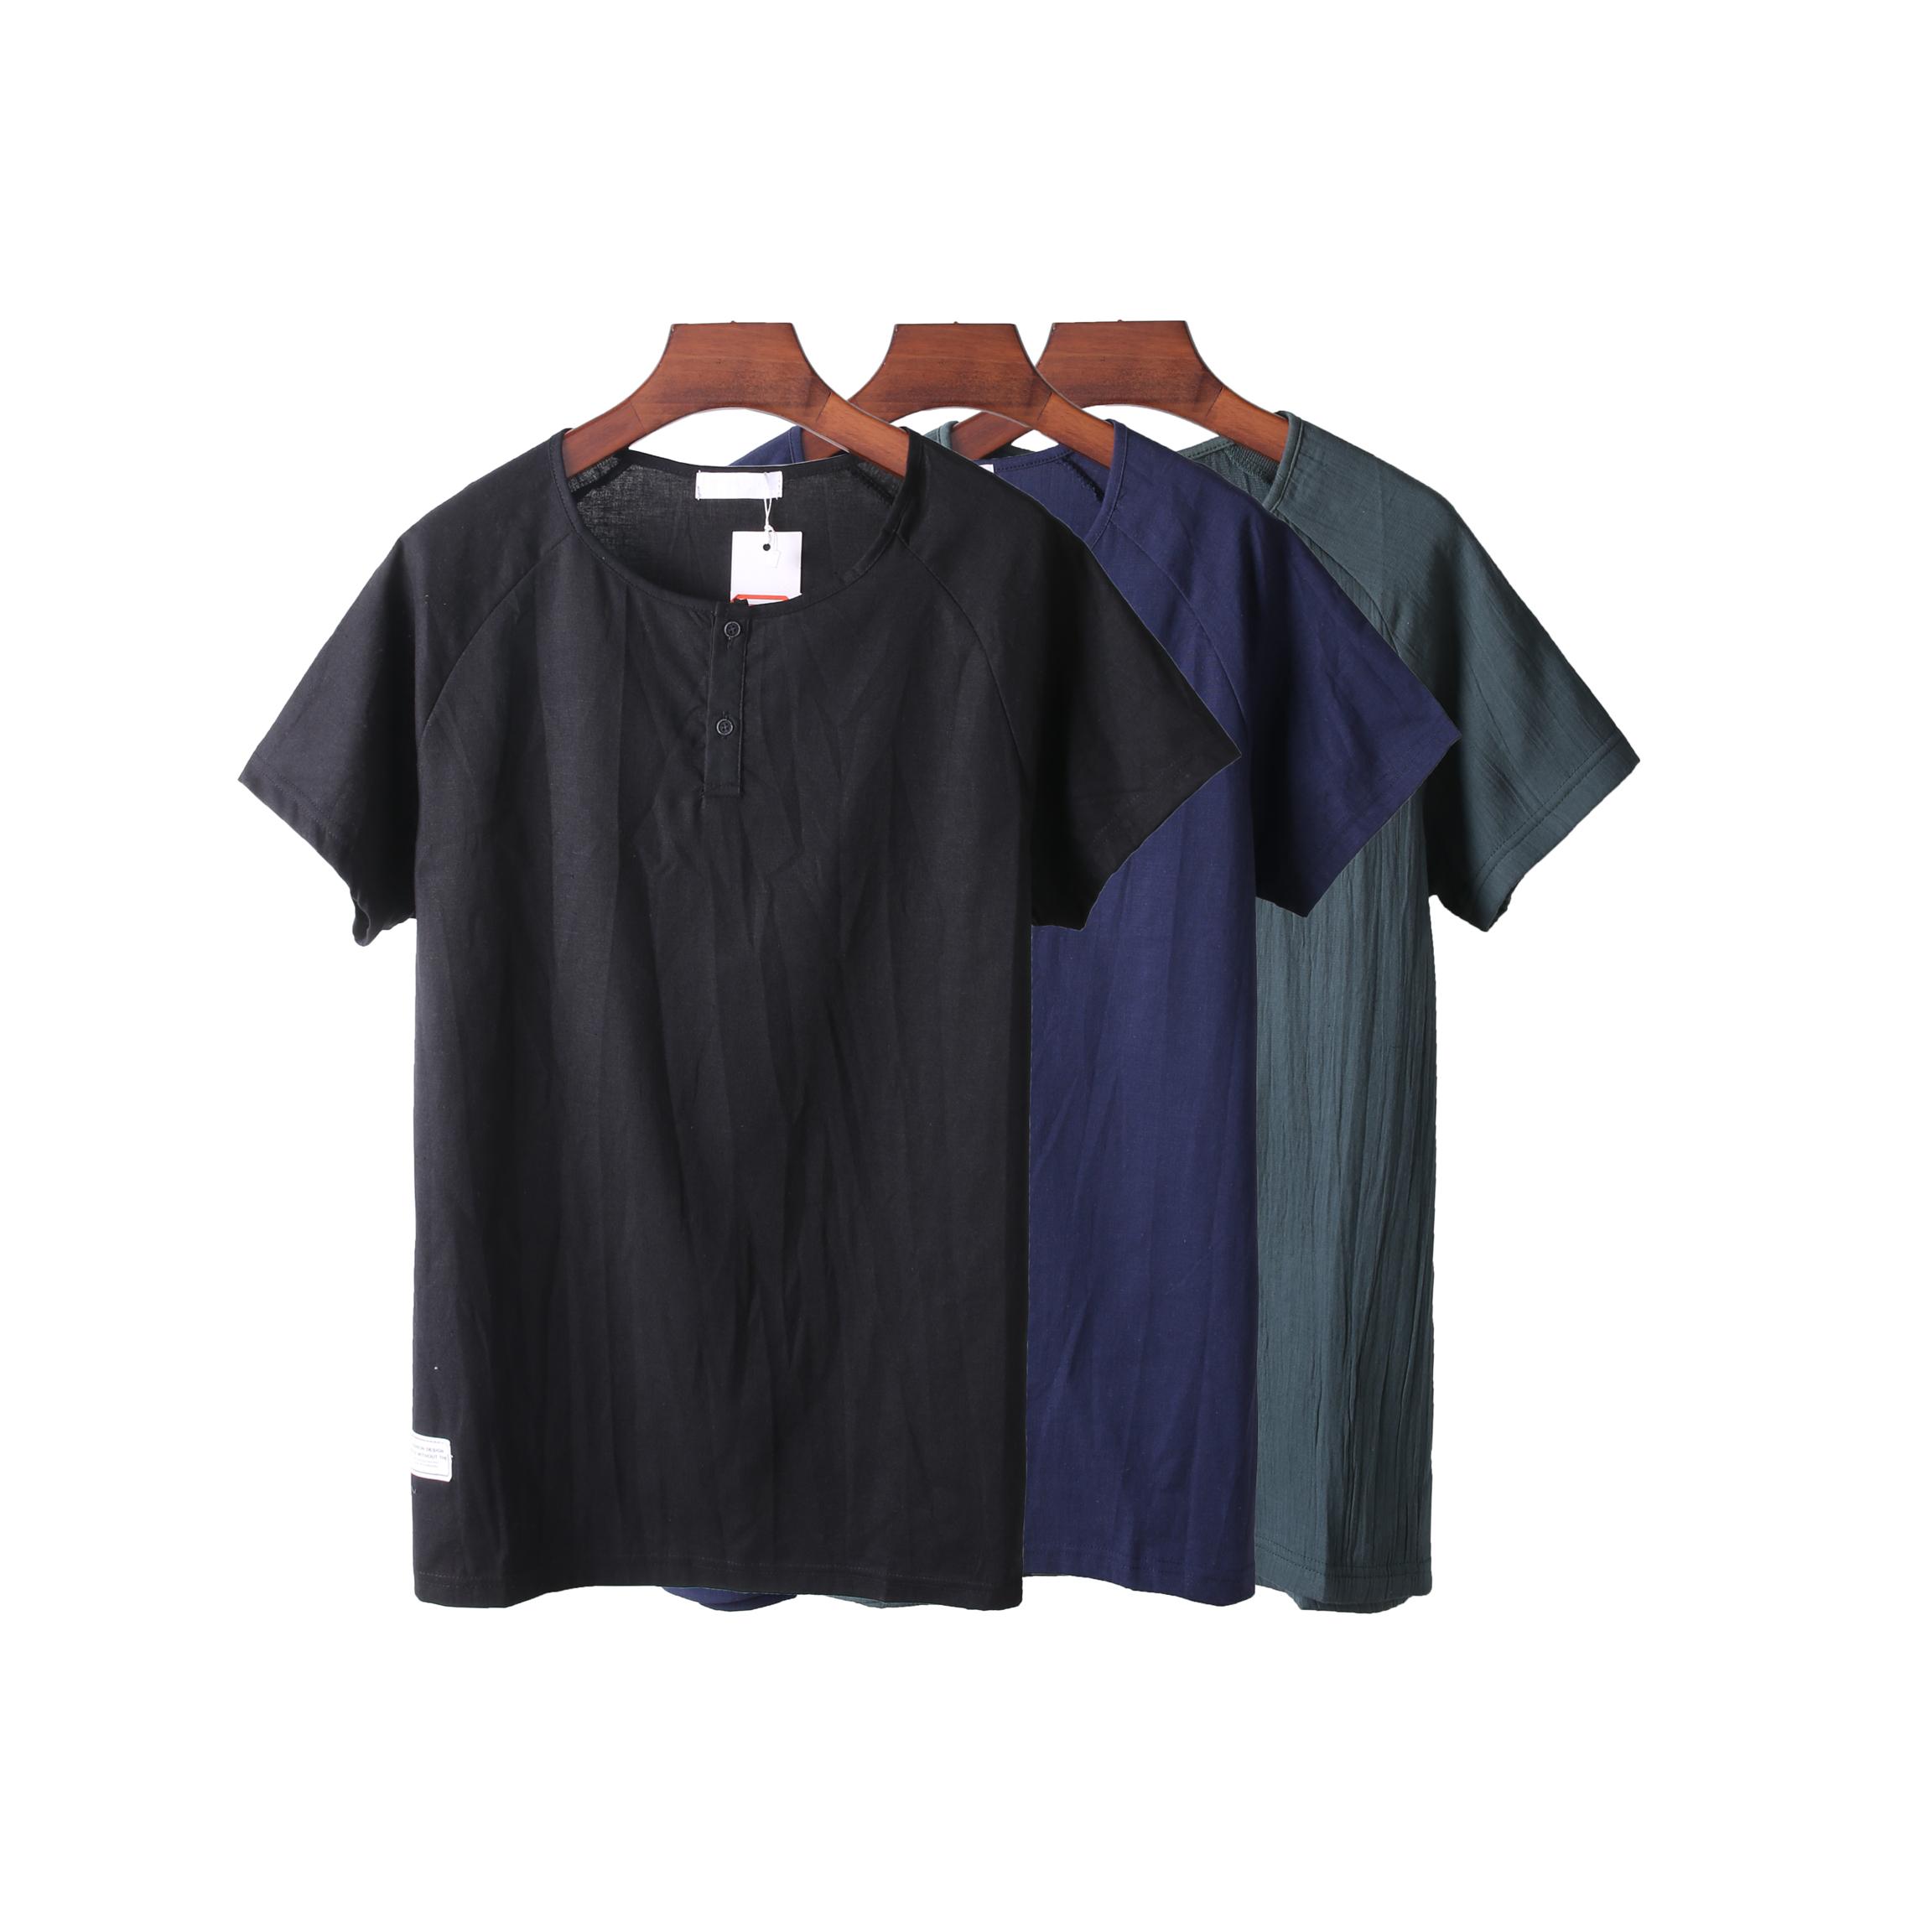 Net phiên bản của mùa hè T-Shirt nam lỏng ngắn tay xu hướng thanh niên hoang dã thường màu rắn áo t-shirt nam